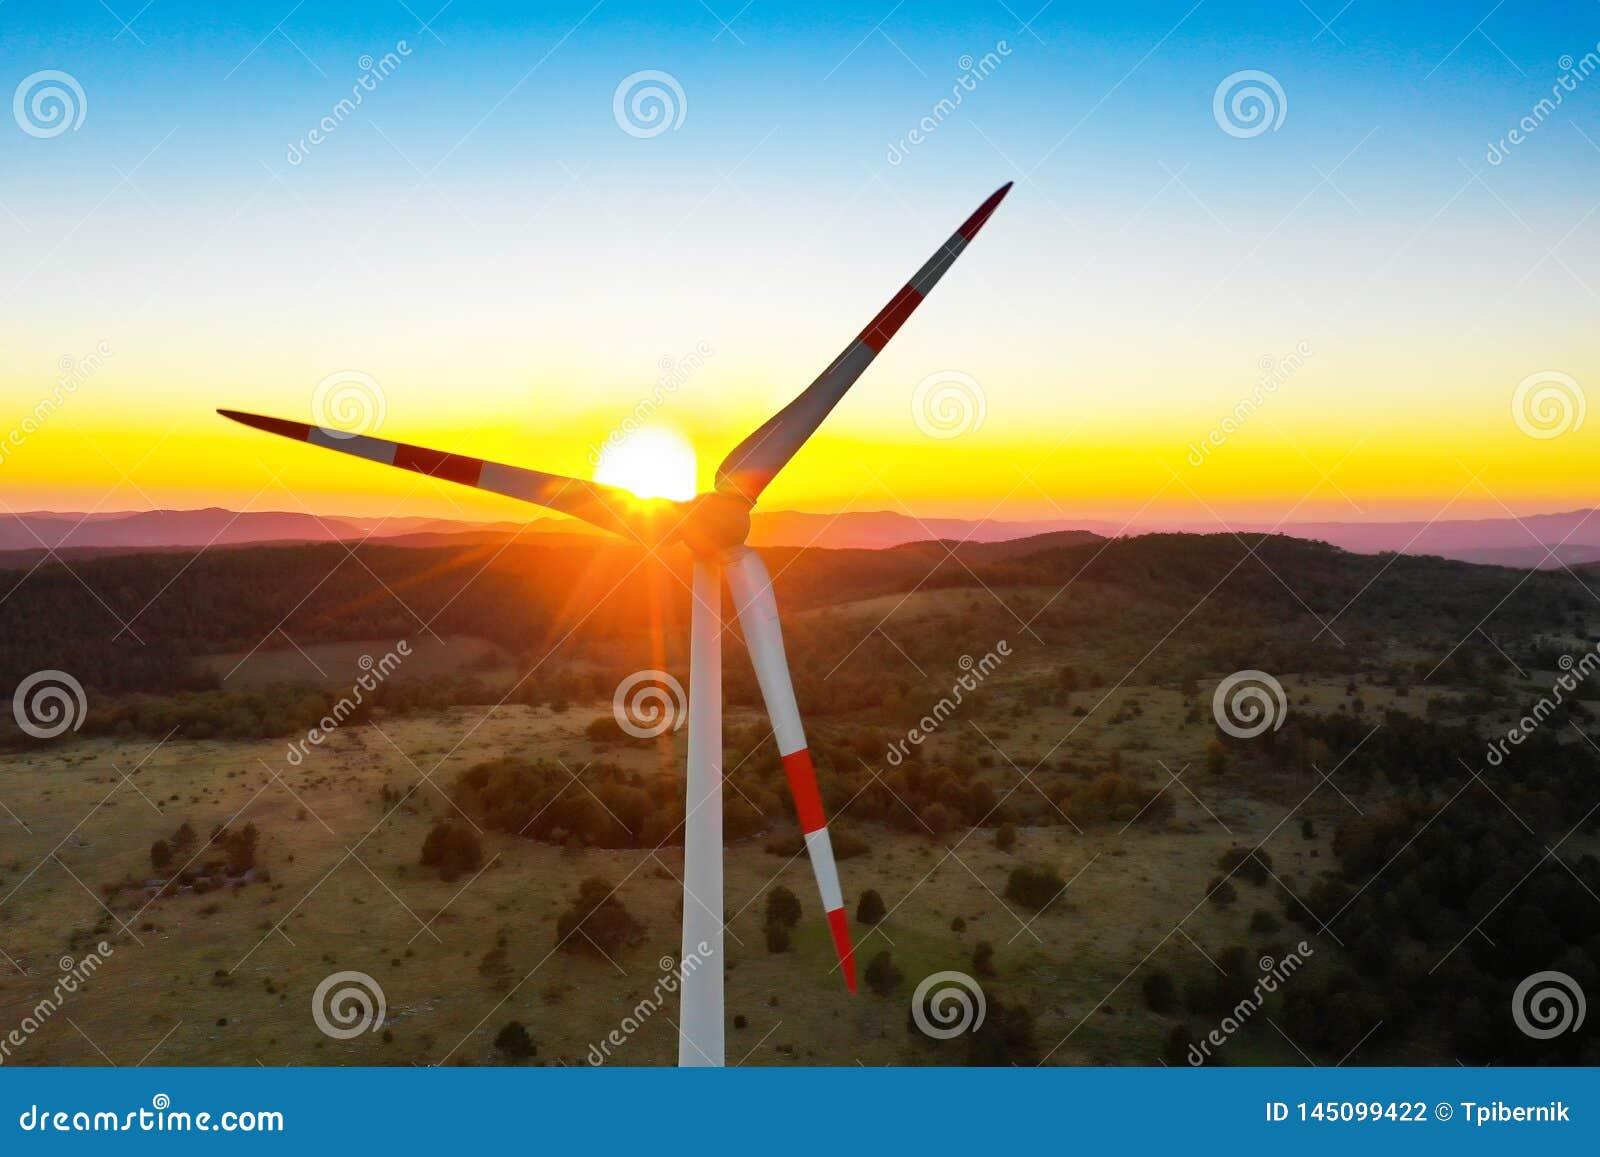 Osamotniona wiatraczek turbina pokojowo wiruje ostrza przez wiatru w pięknym zmierzchu niebie